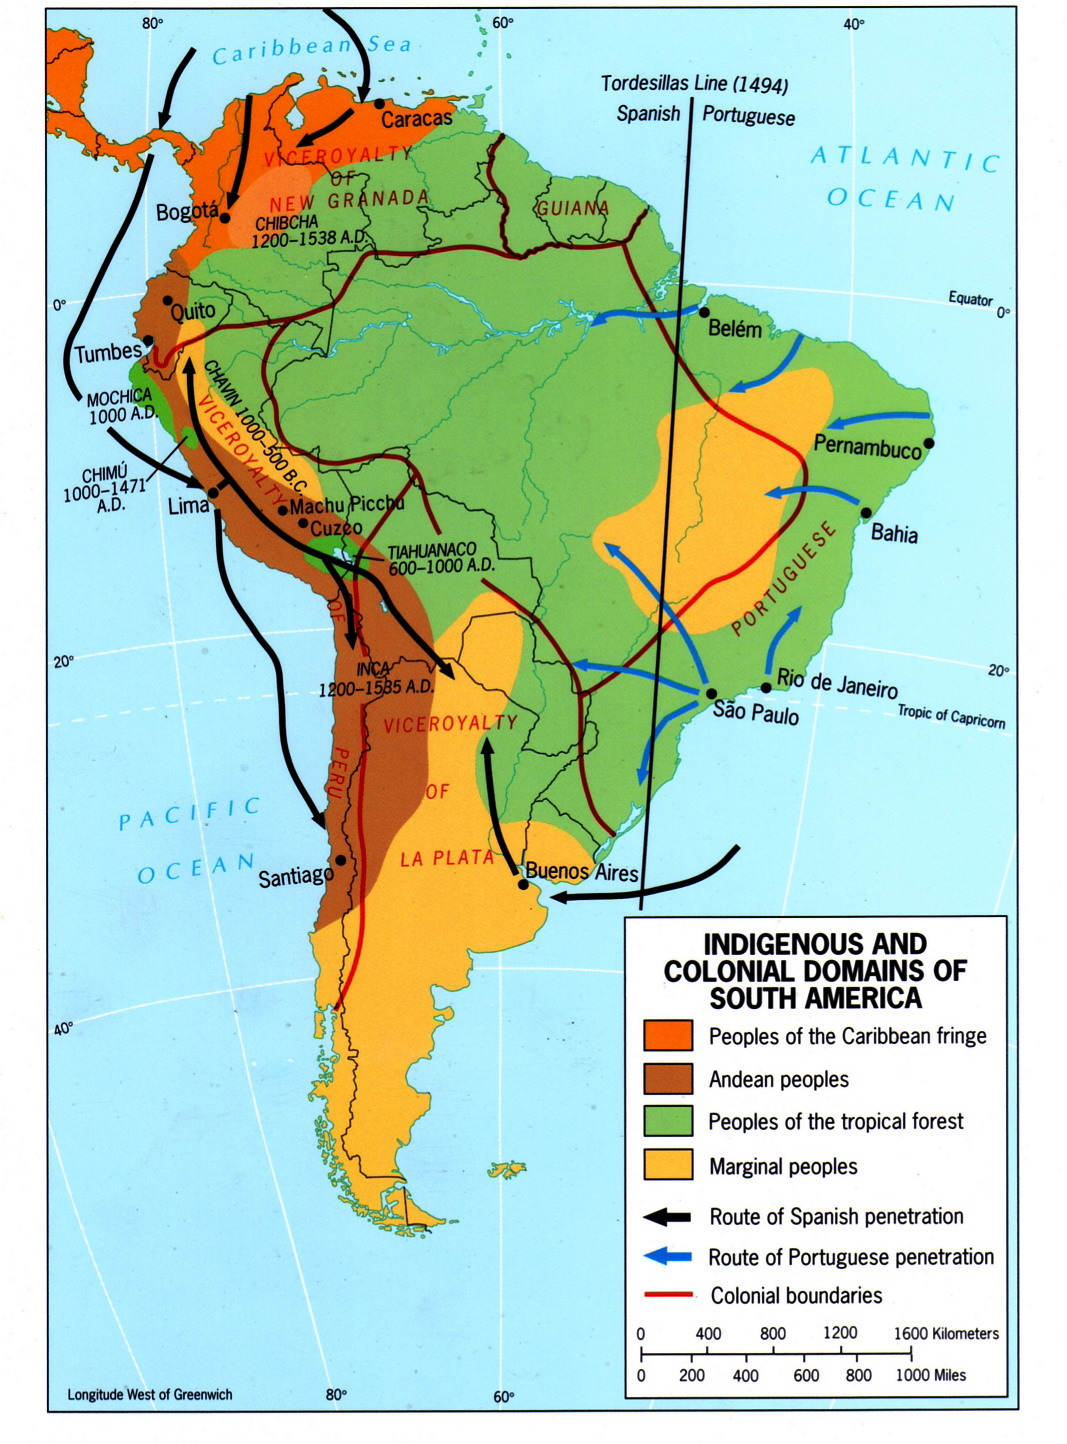 Mapa de Indígenas y dominios coloniales en América del Sur